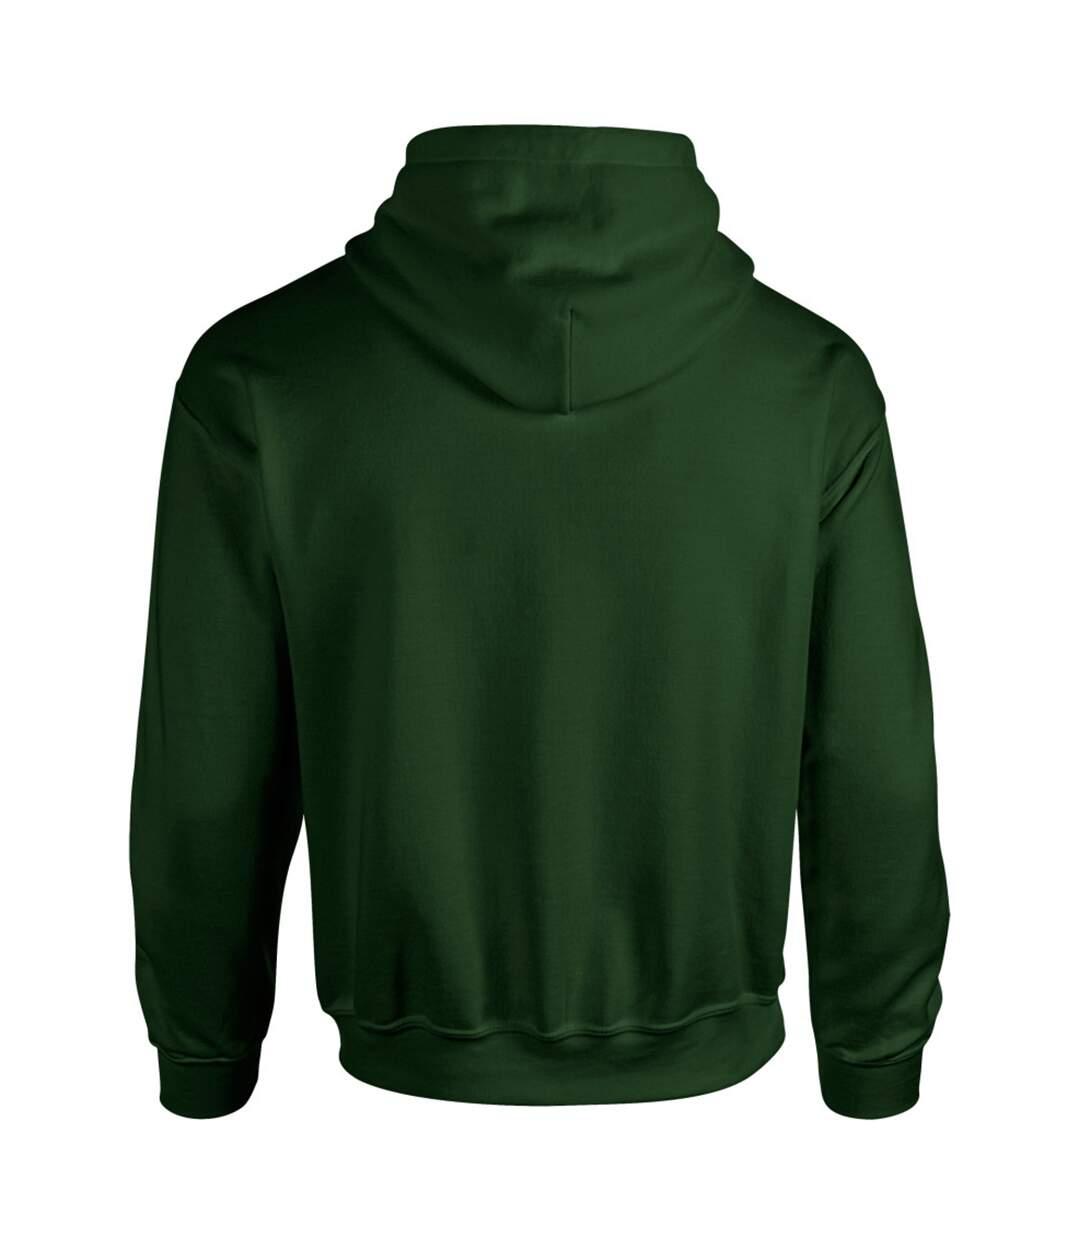 Gildan Heavy Blend Adult Unisex Hooded Sweatshirt / Hoodie (Plum) - UTBC468